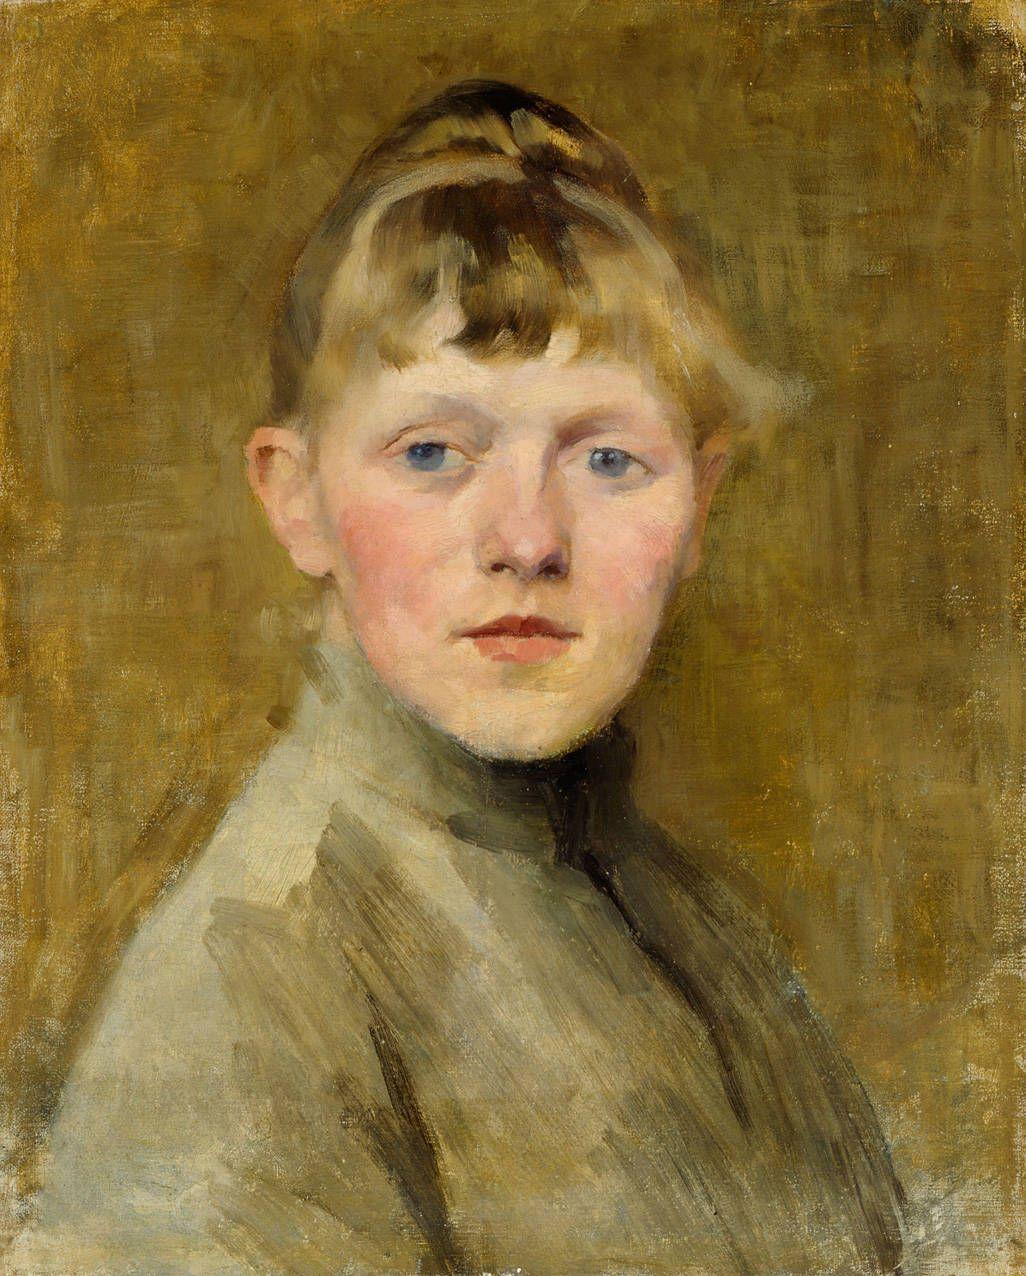 Helene Schjerfbeck 'Selfpotrait' (1862-1946) - Helene Sofia Schjerfbeck (1862-1946) oli suomalainen taidemaalari. Hän on eräs Suomen arvostetuimpia modernistisia kuvataiteilijoita.Hänen teostensa saama huomio on ollut nousussa viime vuosina.